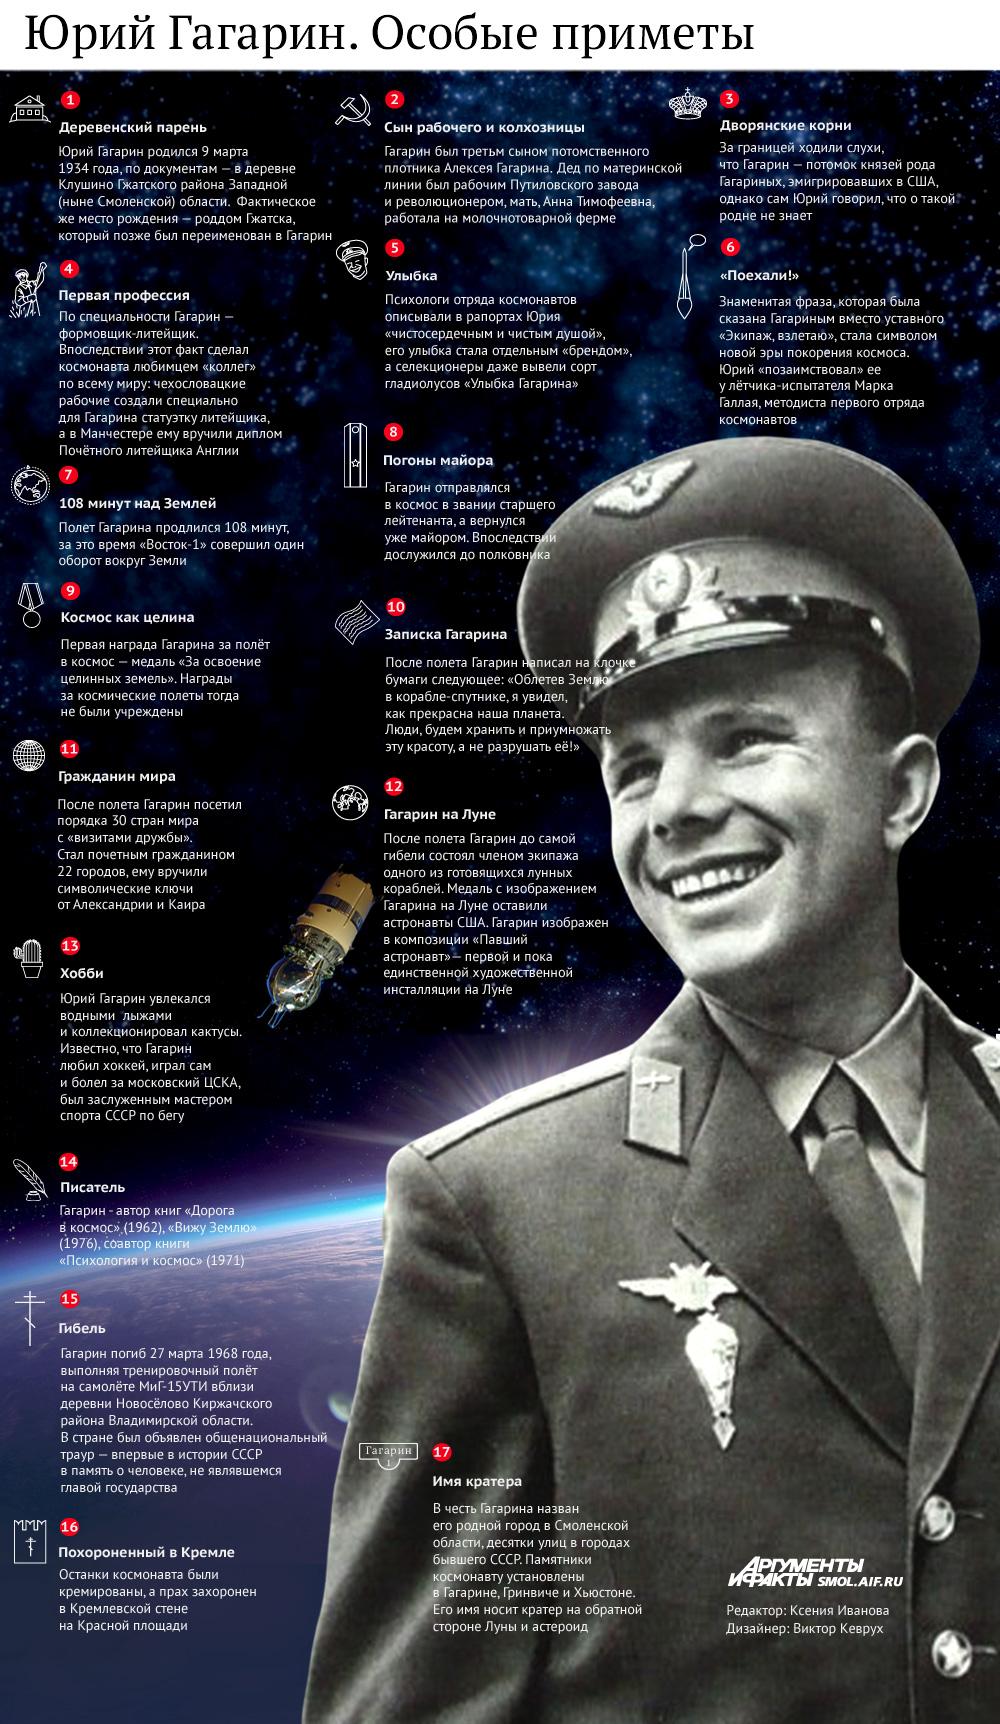 Юрий Гагарин, особые приметы